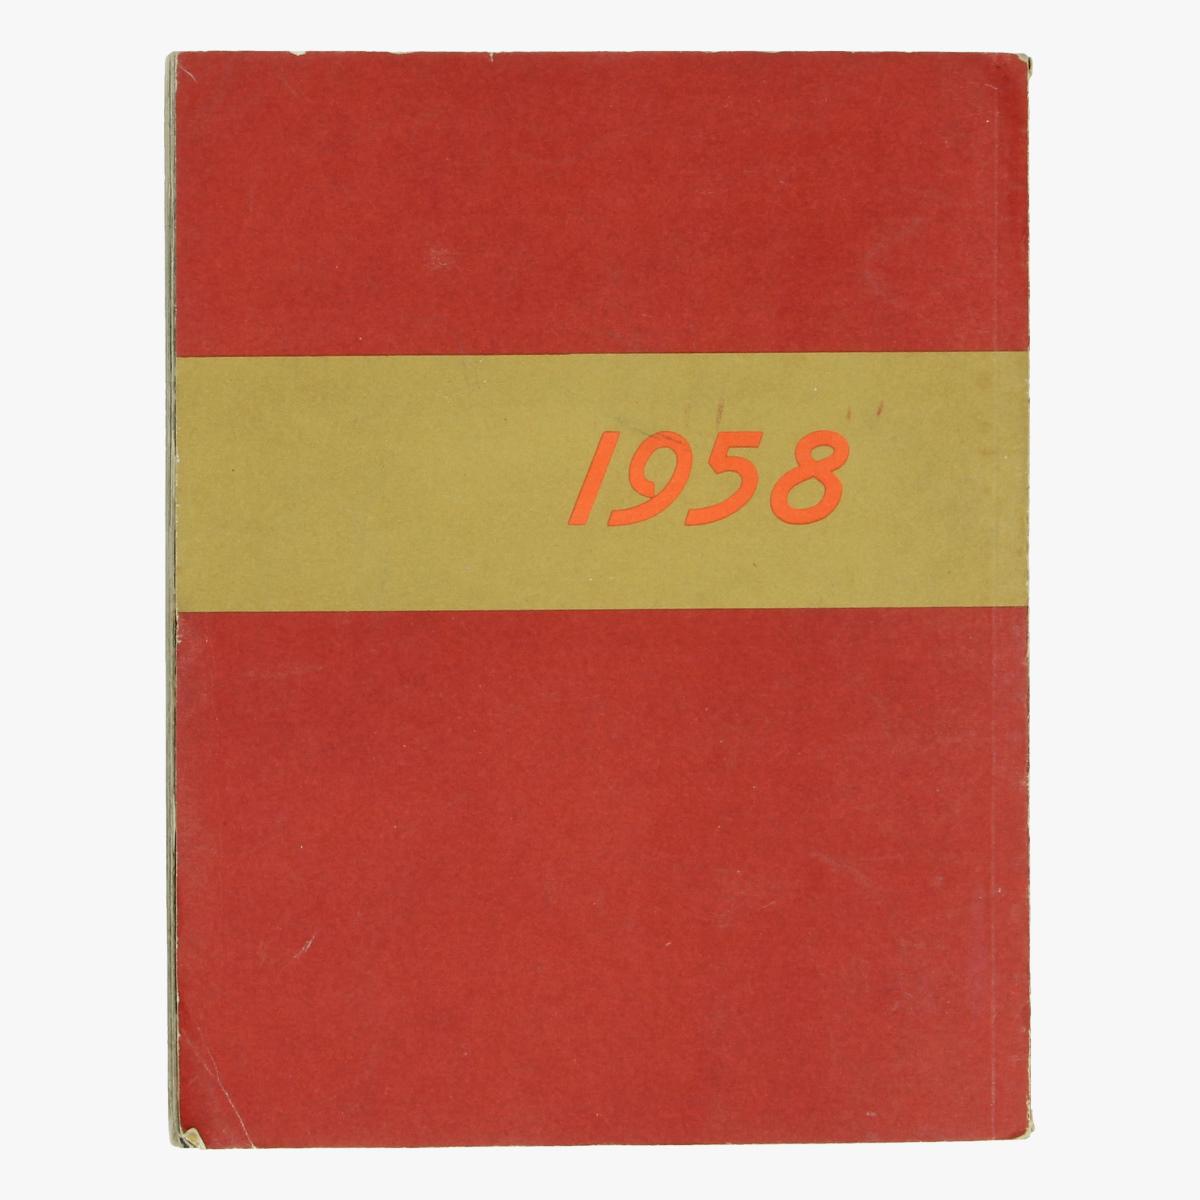 Afbeeldingen van boek ussr expo 58 de sectie der ussr op de wereldtetoonstelling 1958 te bxl